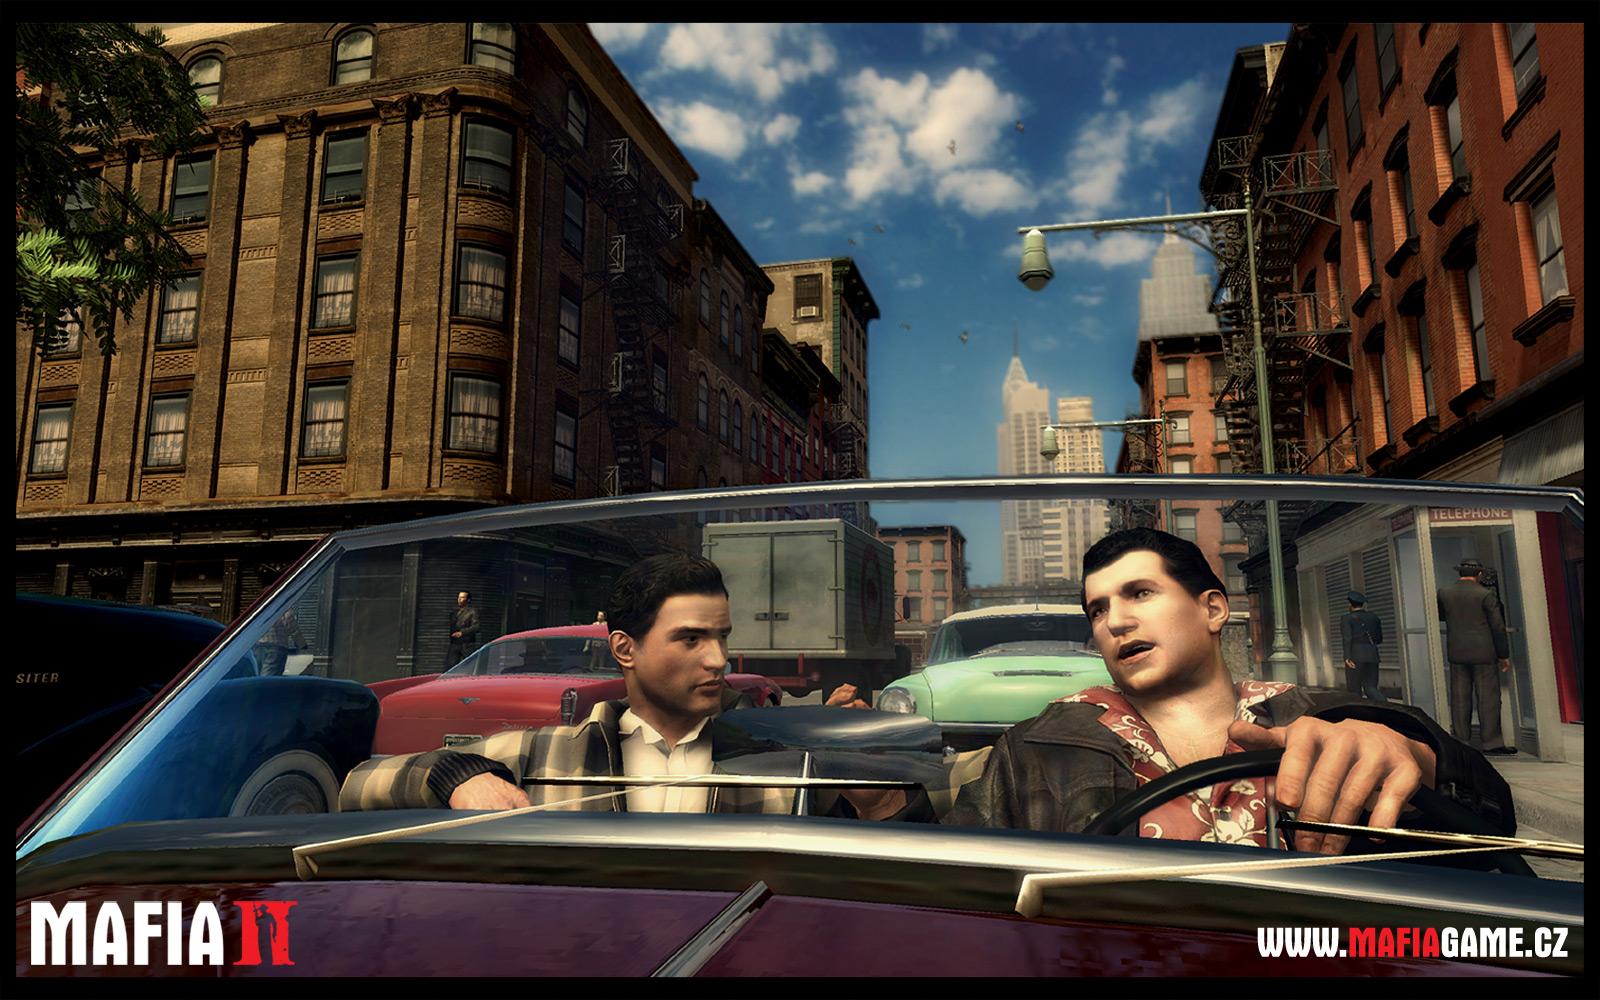 http://1.bp.blogspot.com/_AZ1rvAV7bWg/TRq9pIuwKLI/AAAAAAAABdA/p5I6L_s_Xx4/s1600/mafia2-wallpaper_cars-1600x1000.jpg